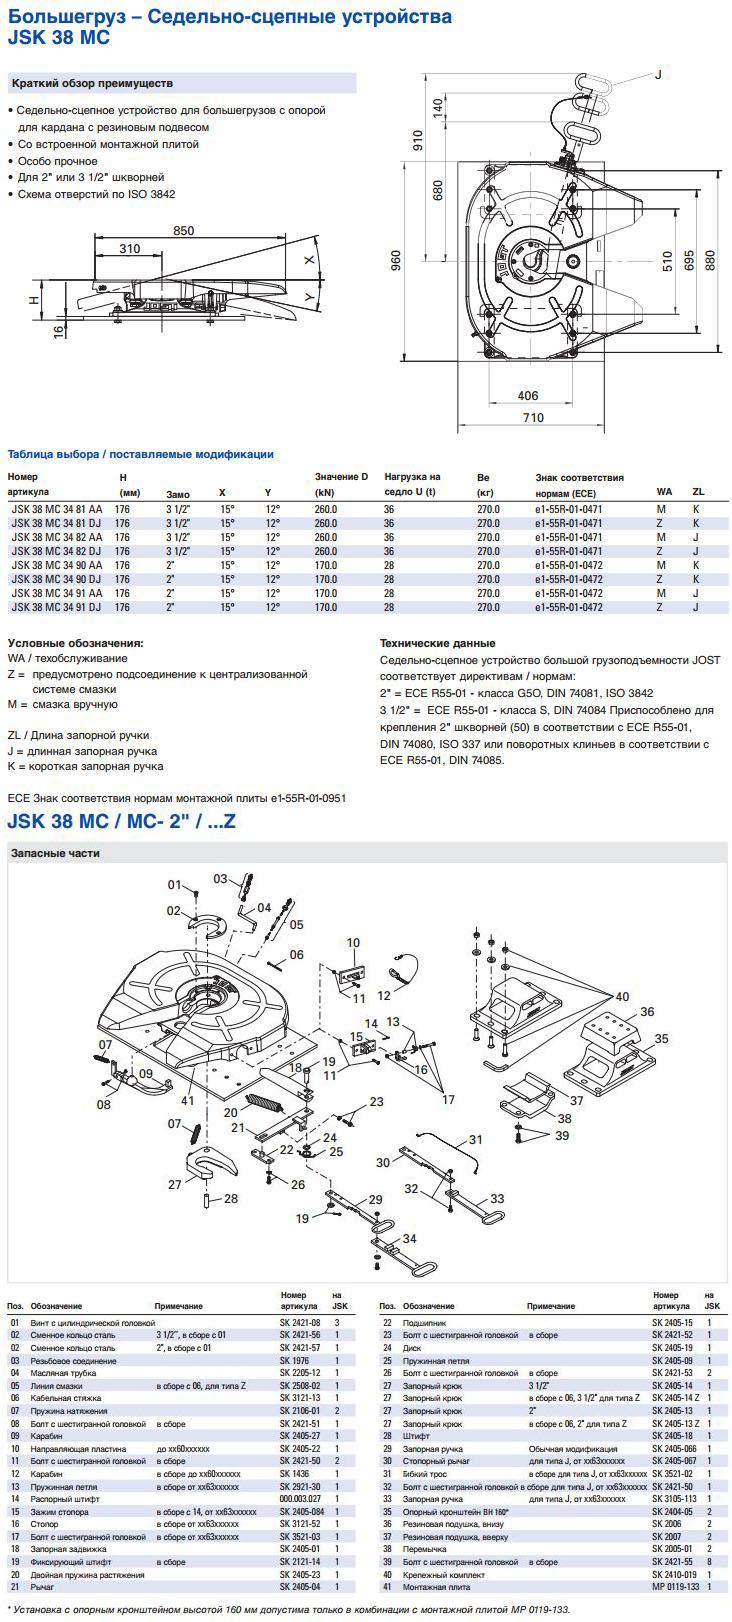 SSU-JOST-JSK-38-MC-TTX